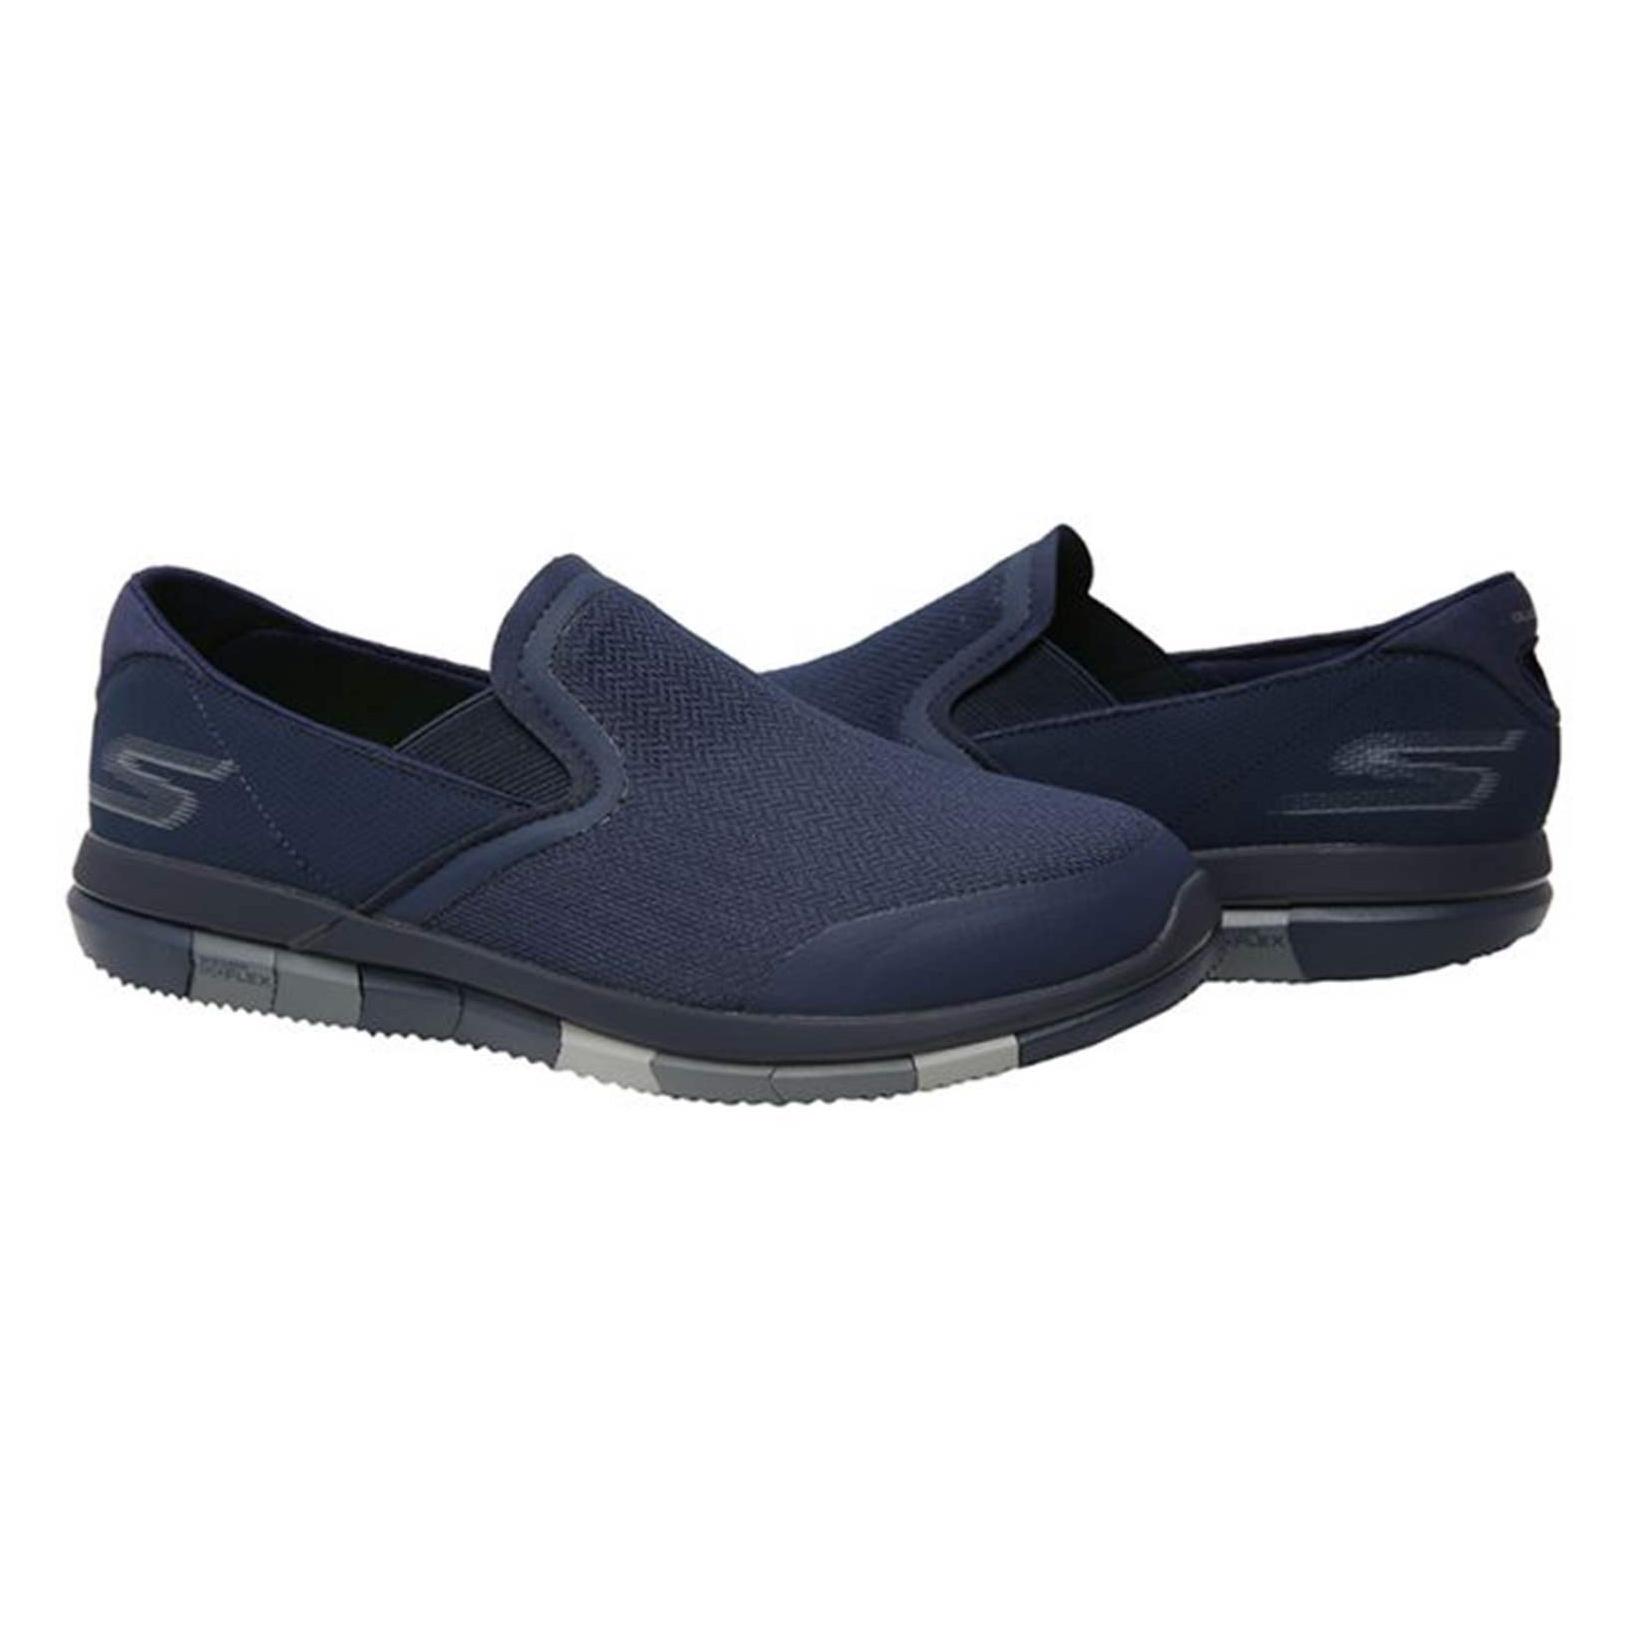 کفش پیاده روی پارچه ای مردانه GO FLEX Walk - اسکچرز - سرمه اي - 5